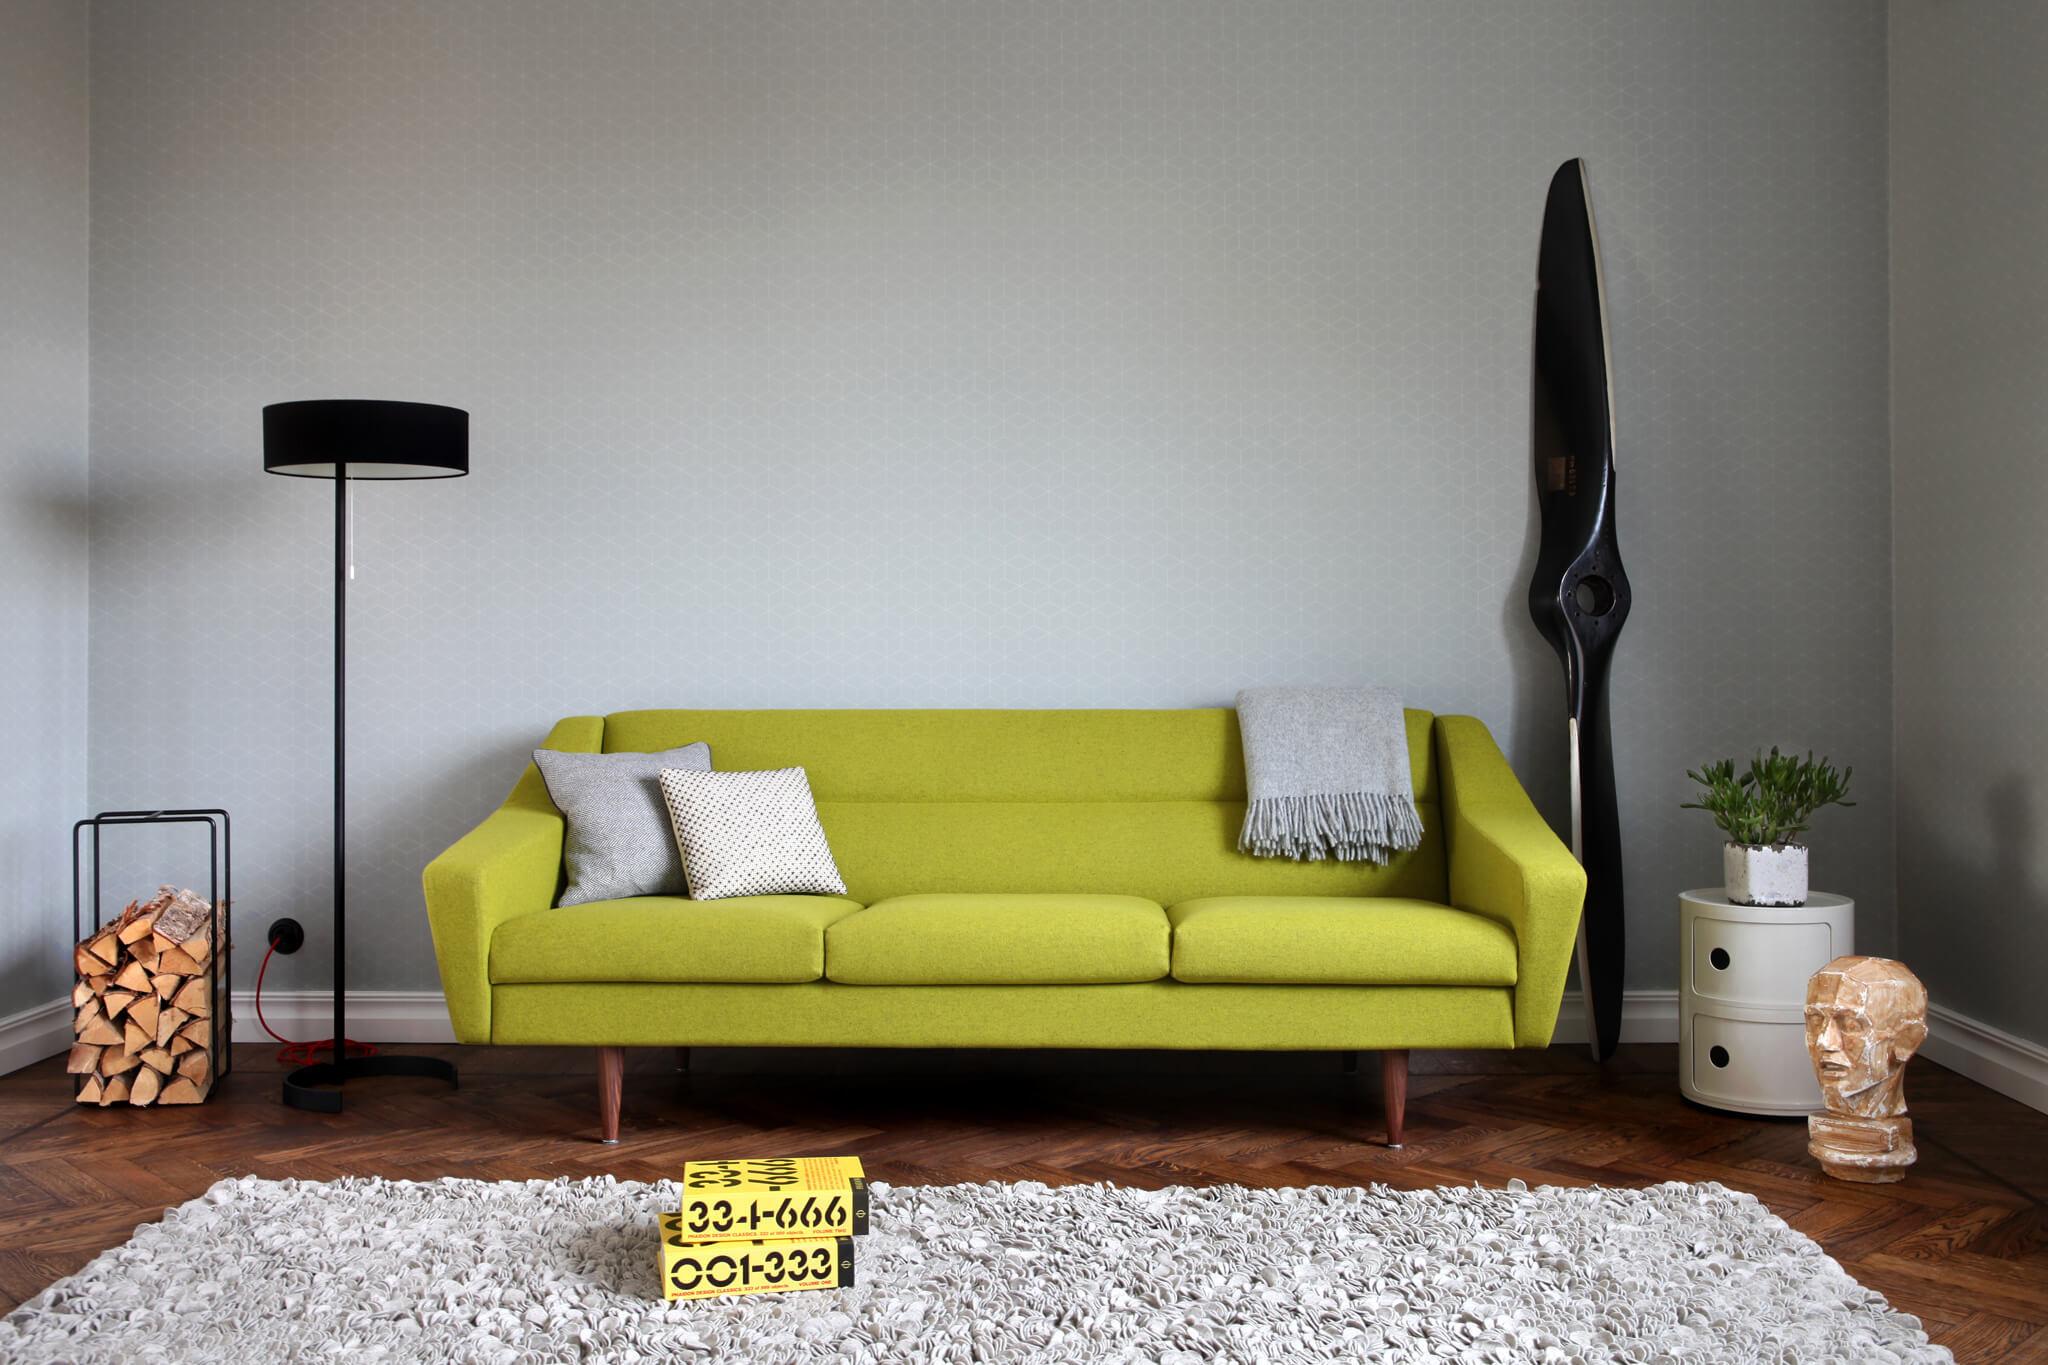 Full Size of Moderne Wohnzimmer 2020 Tapeten Farben Sofa Trends Design Fr Das Wandtattoo Schrankwand Stehleuchte Dekoration Liege Vorhang Stehlampe Wohnwand Lampe Board Wohnzimmer Moderne Wohnzimmer 2020